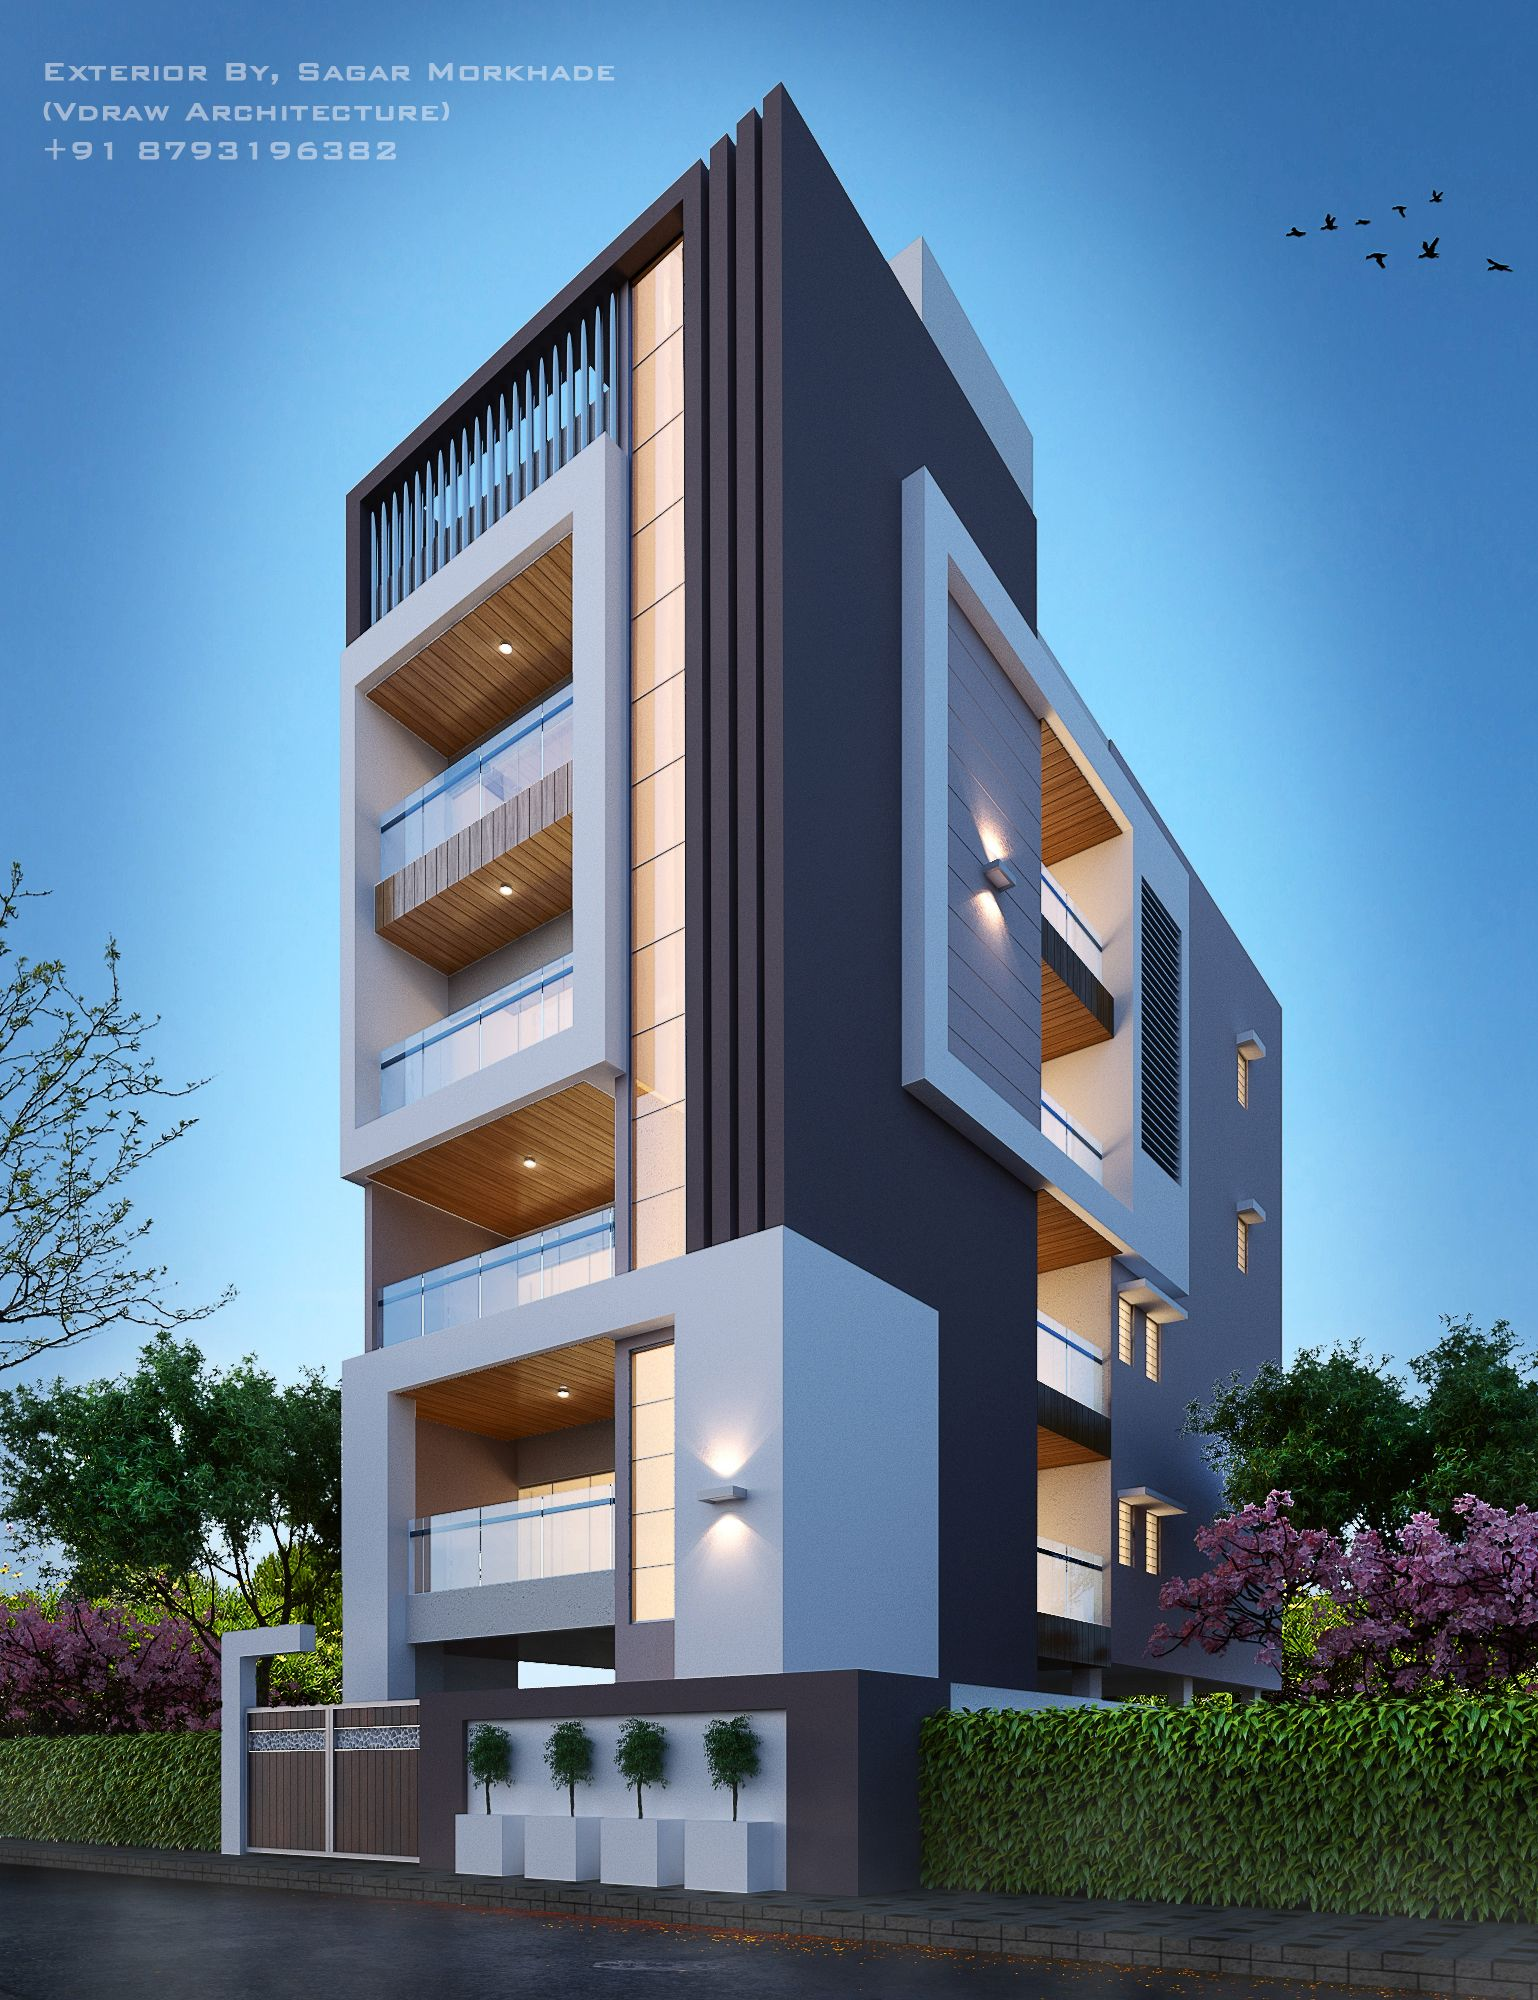 Modern Residential Flat scheme Exterior By, Sagar Morkhade (Vdraw ...